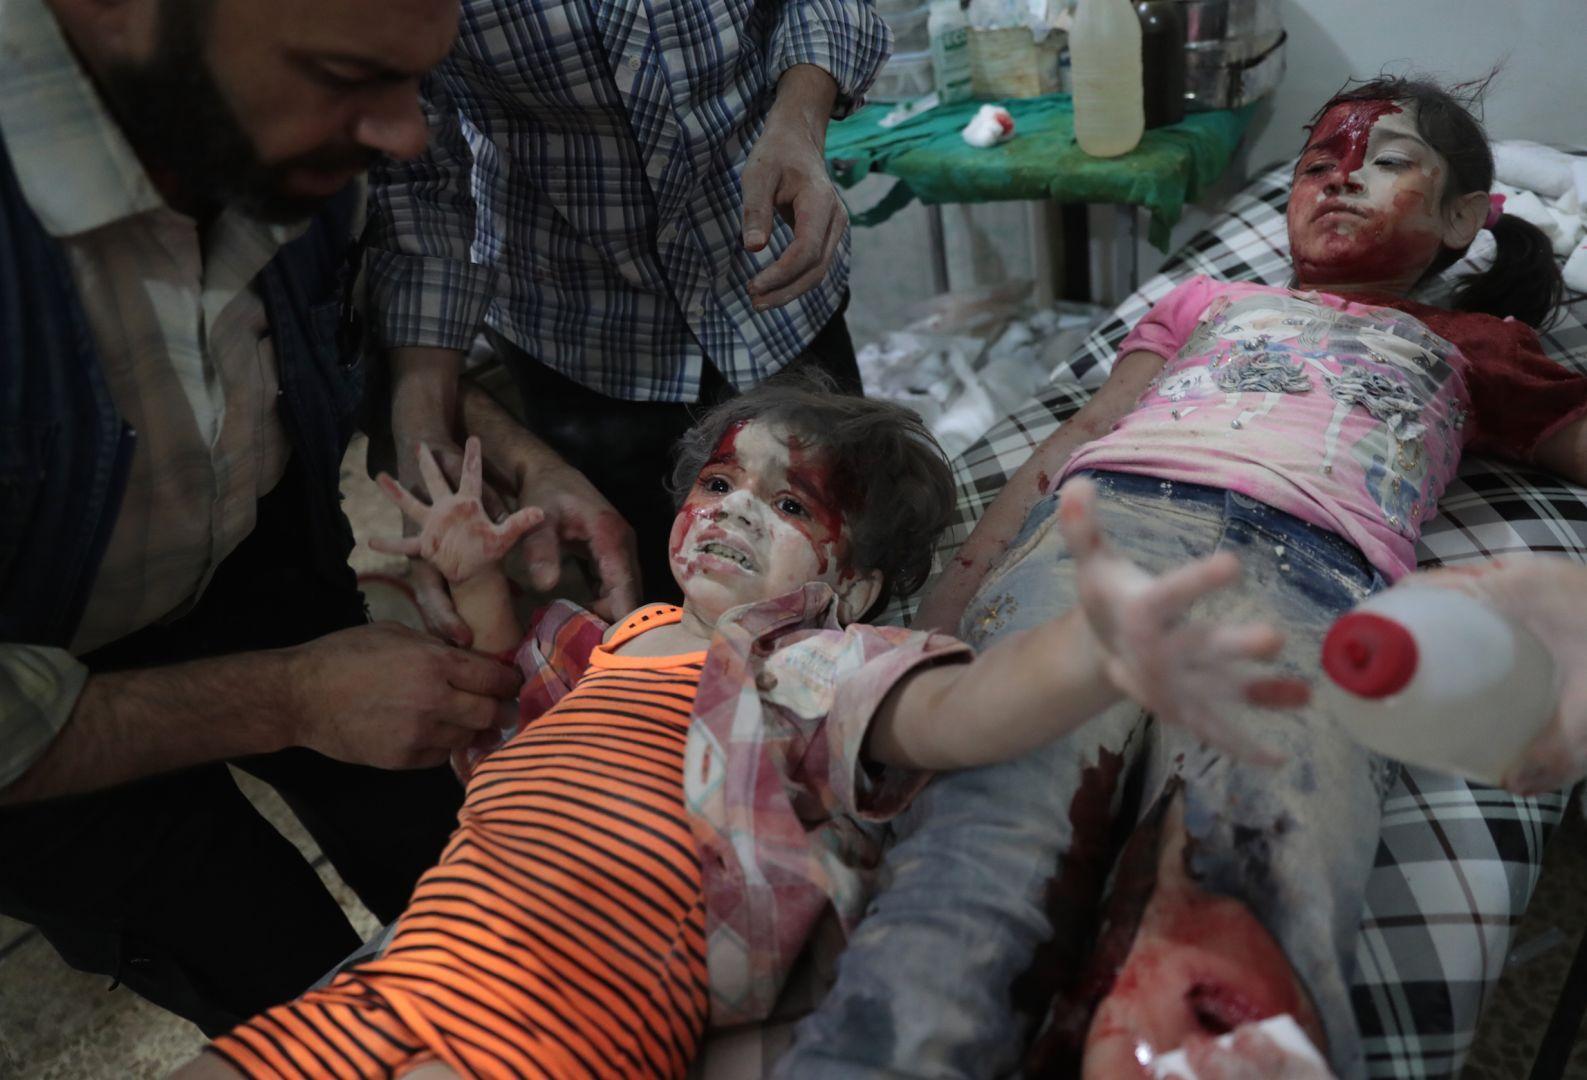 Медики помогают раненым девочкам, © Абд Доумани, Сирия, Фотоконкурс World Press Photo